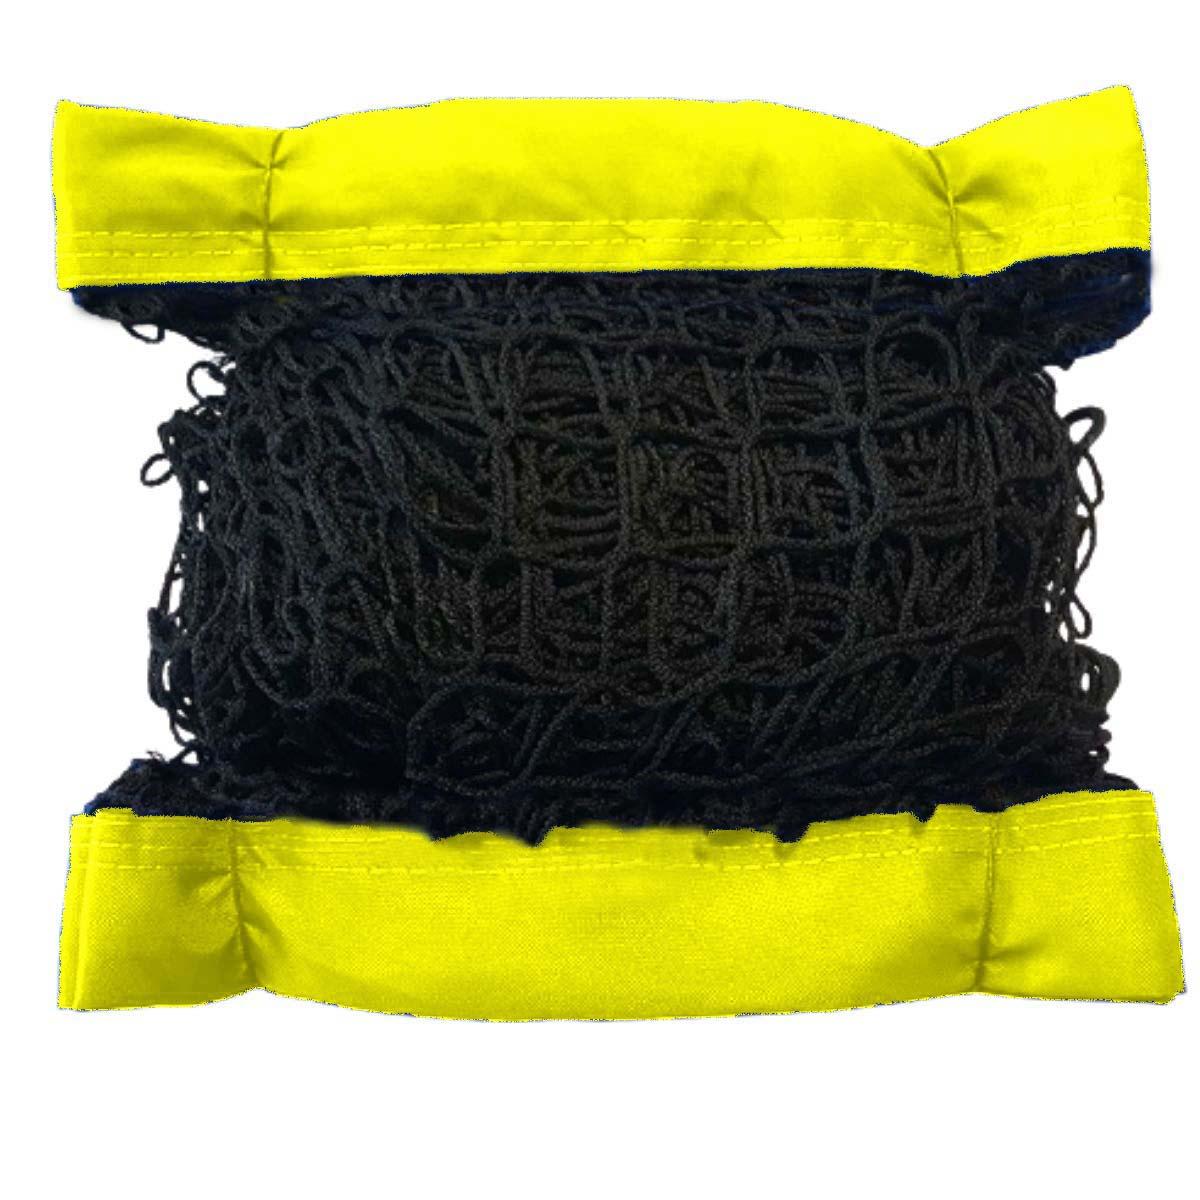 Rede Para Futevôlei Profissional Competição Amarelo